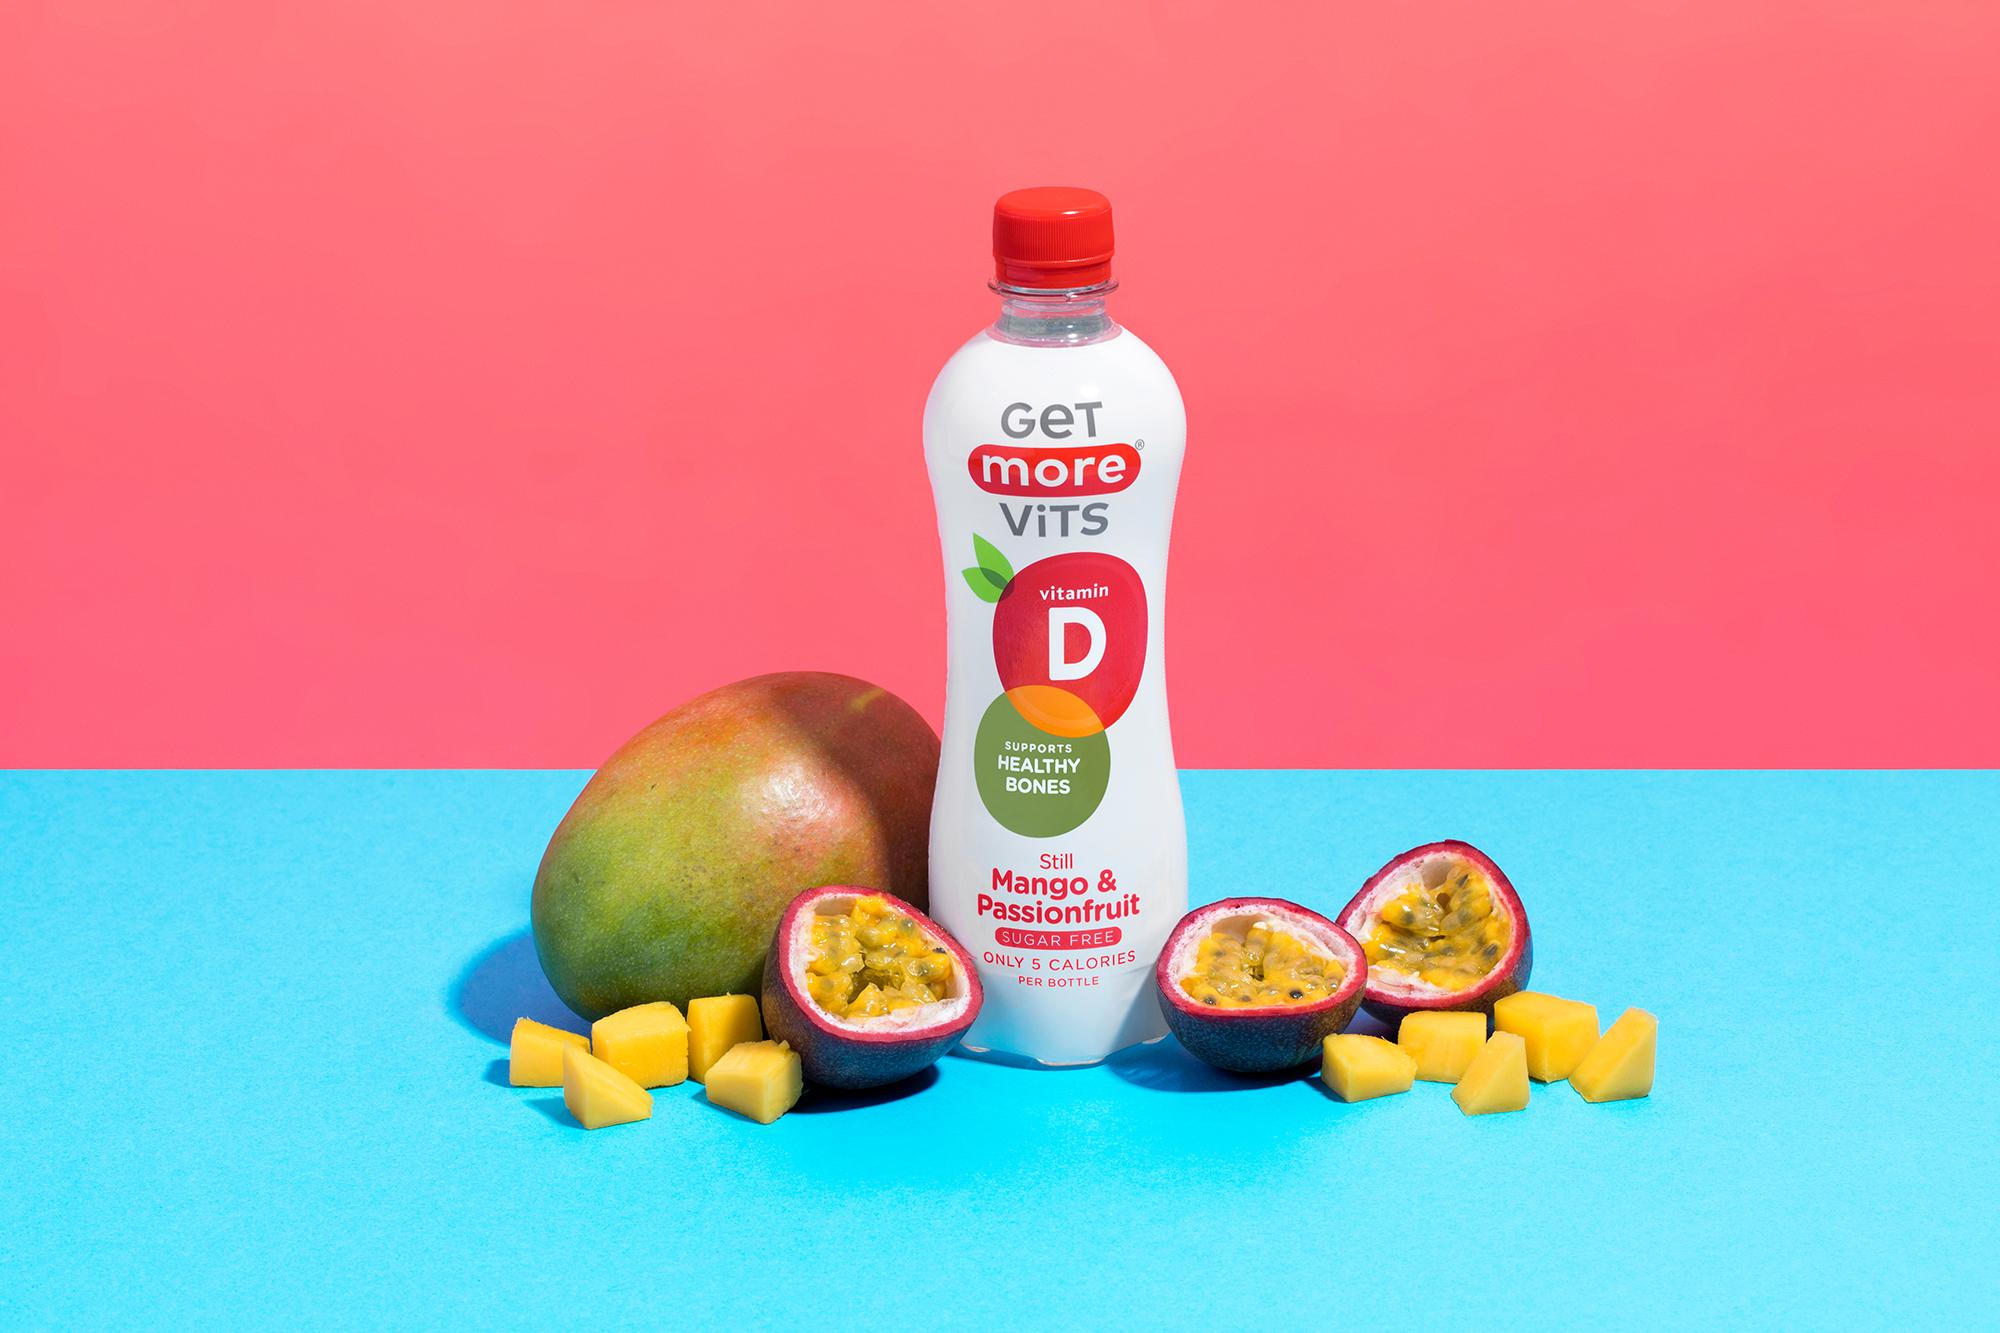 Get More Vits Vitamin D